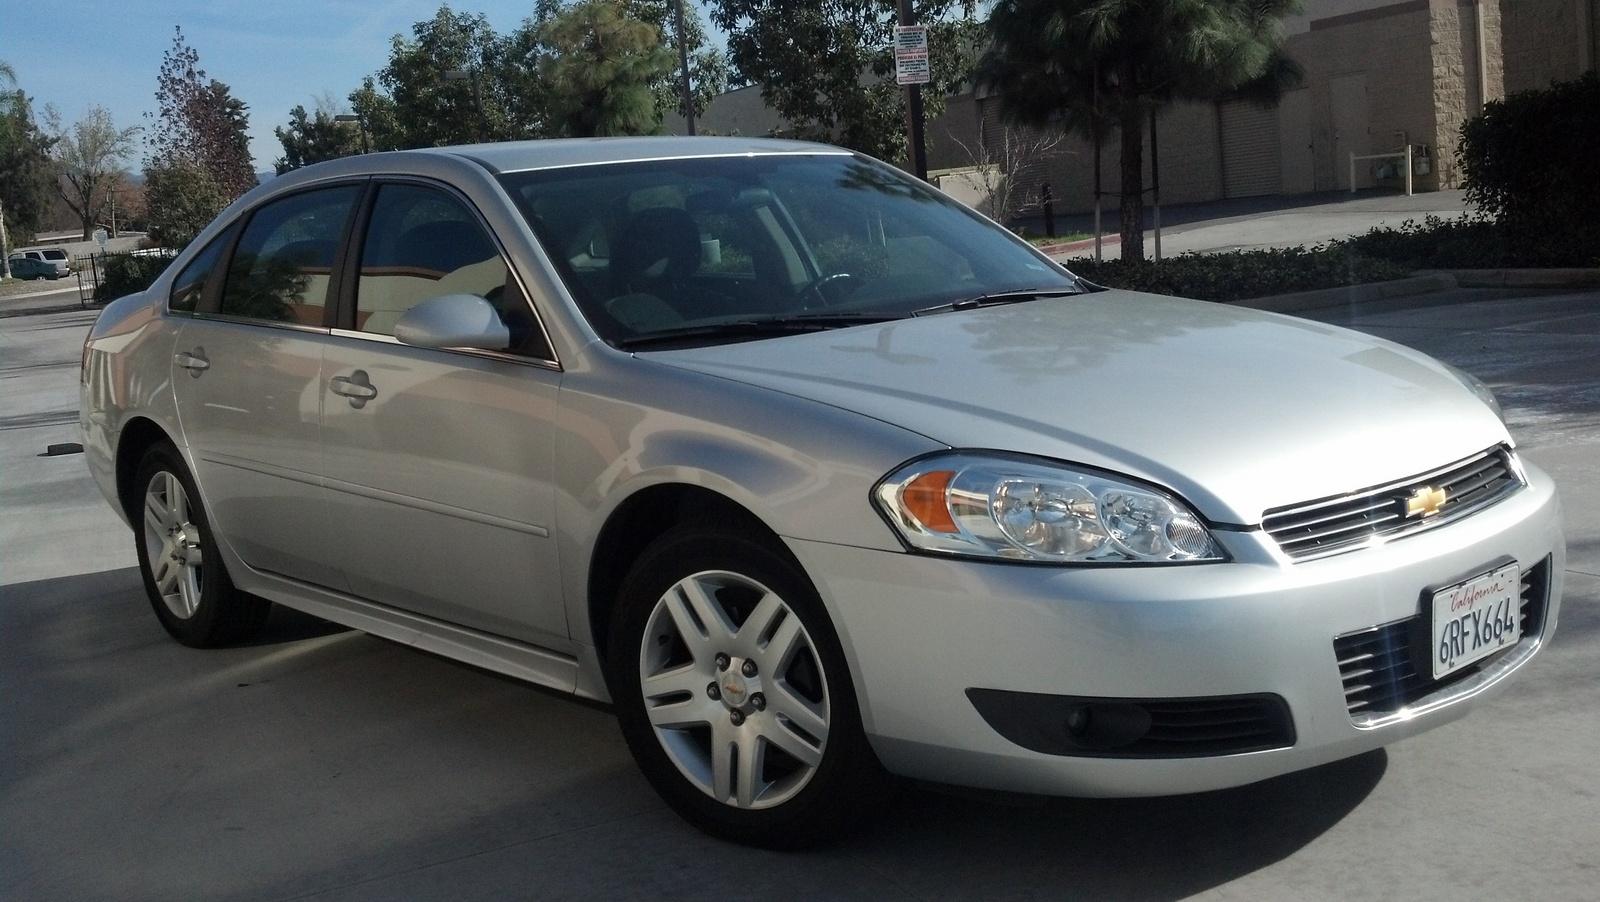 2011 Chevrolet Impala Pictures Cargurus